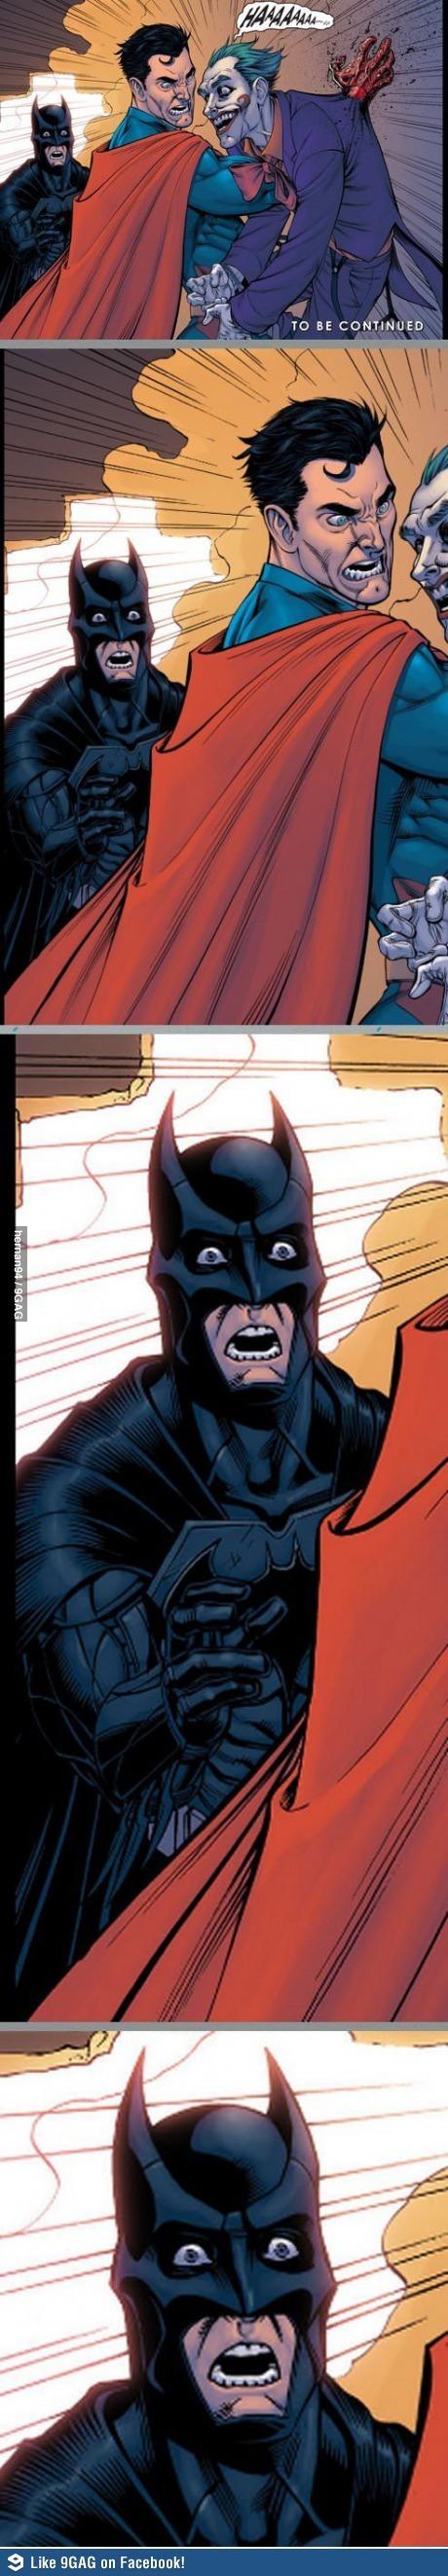 배트맨의 진정한 최후는?